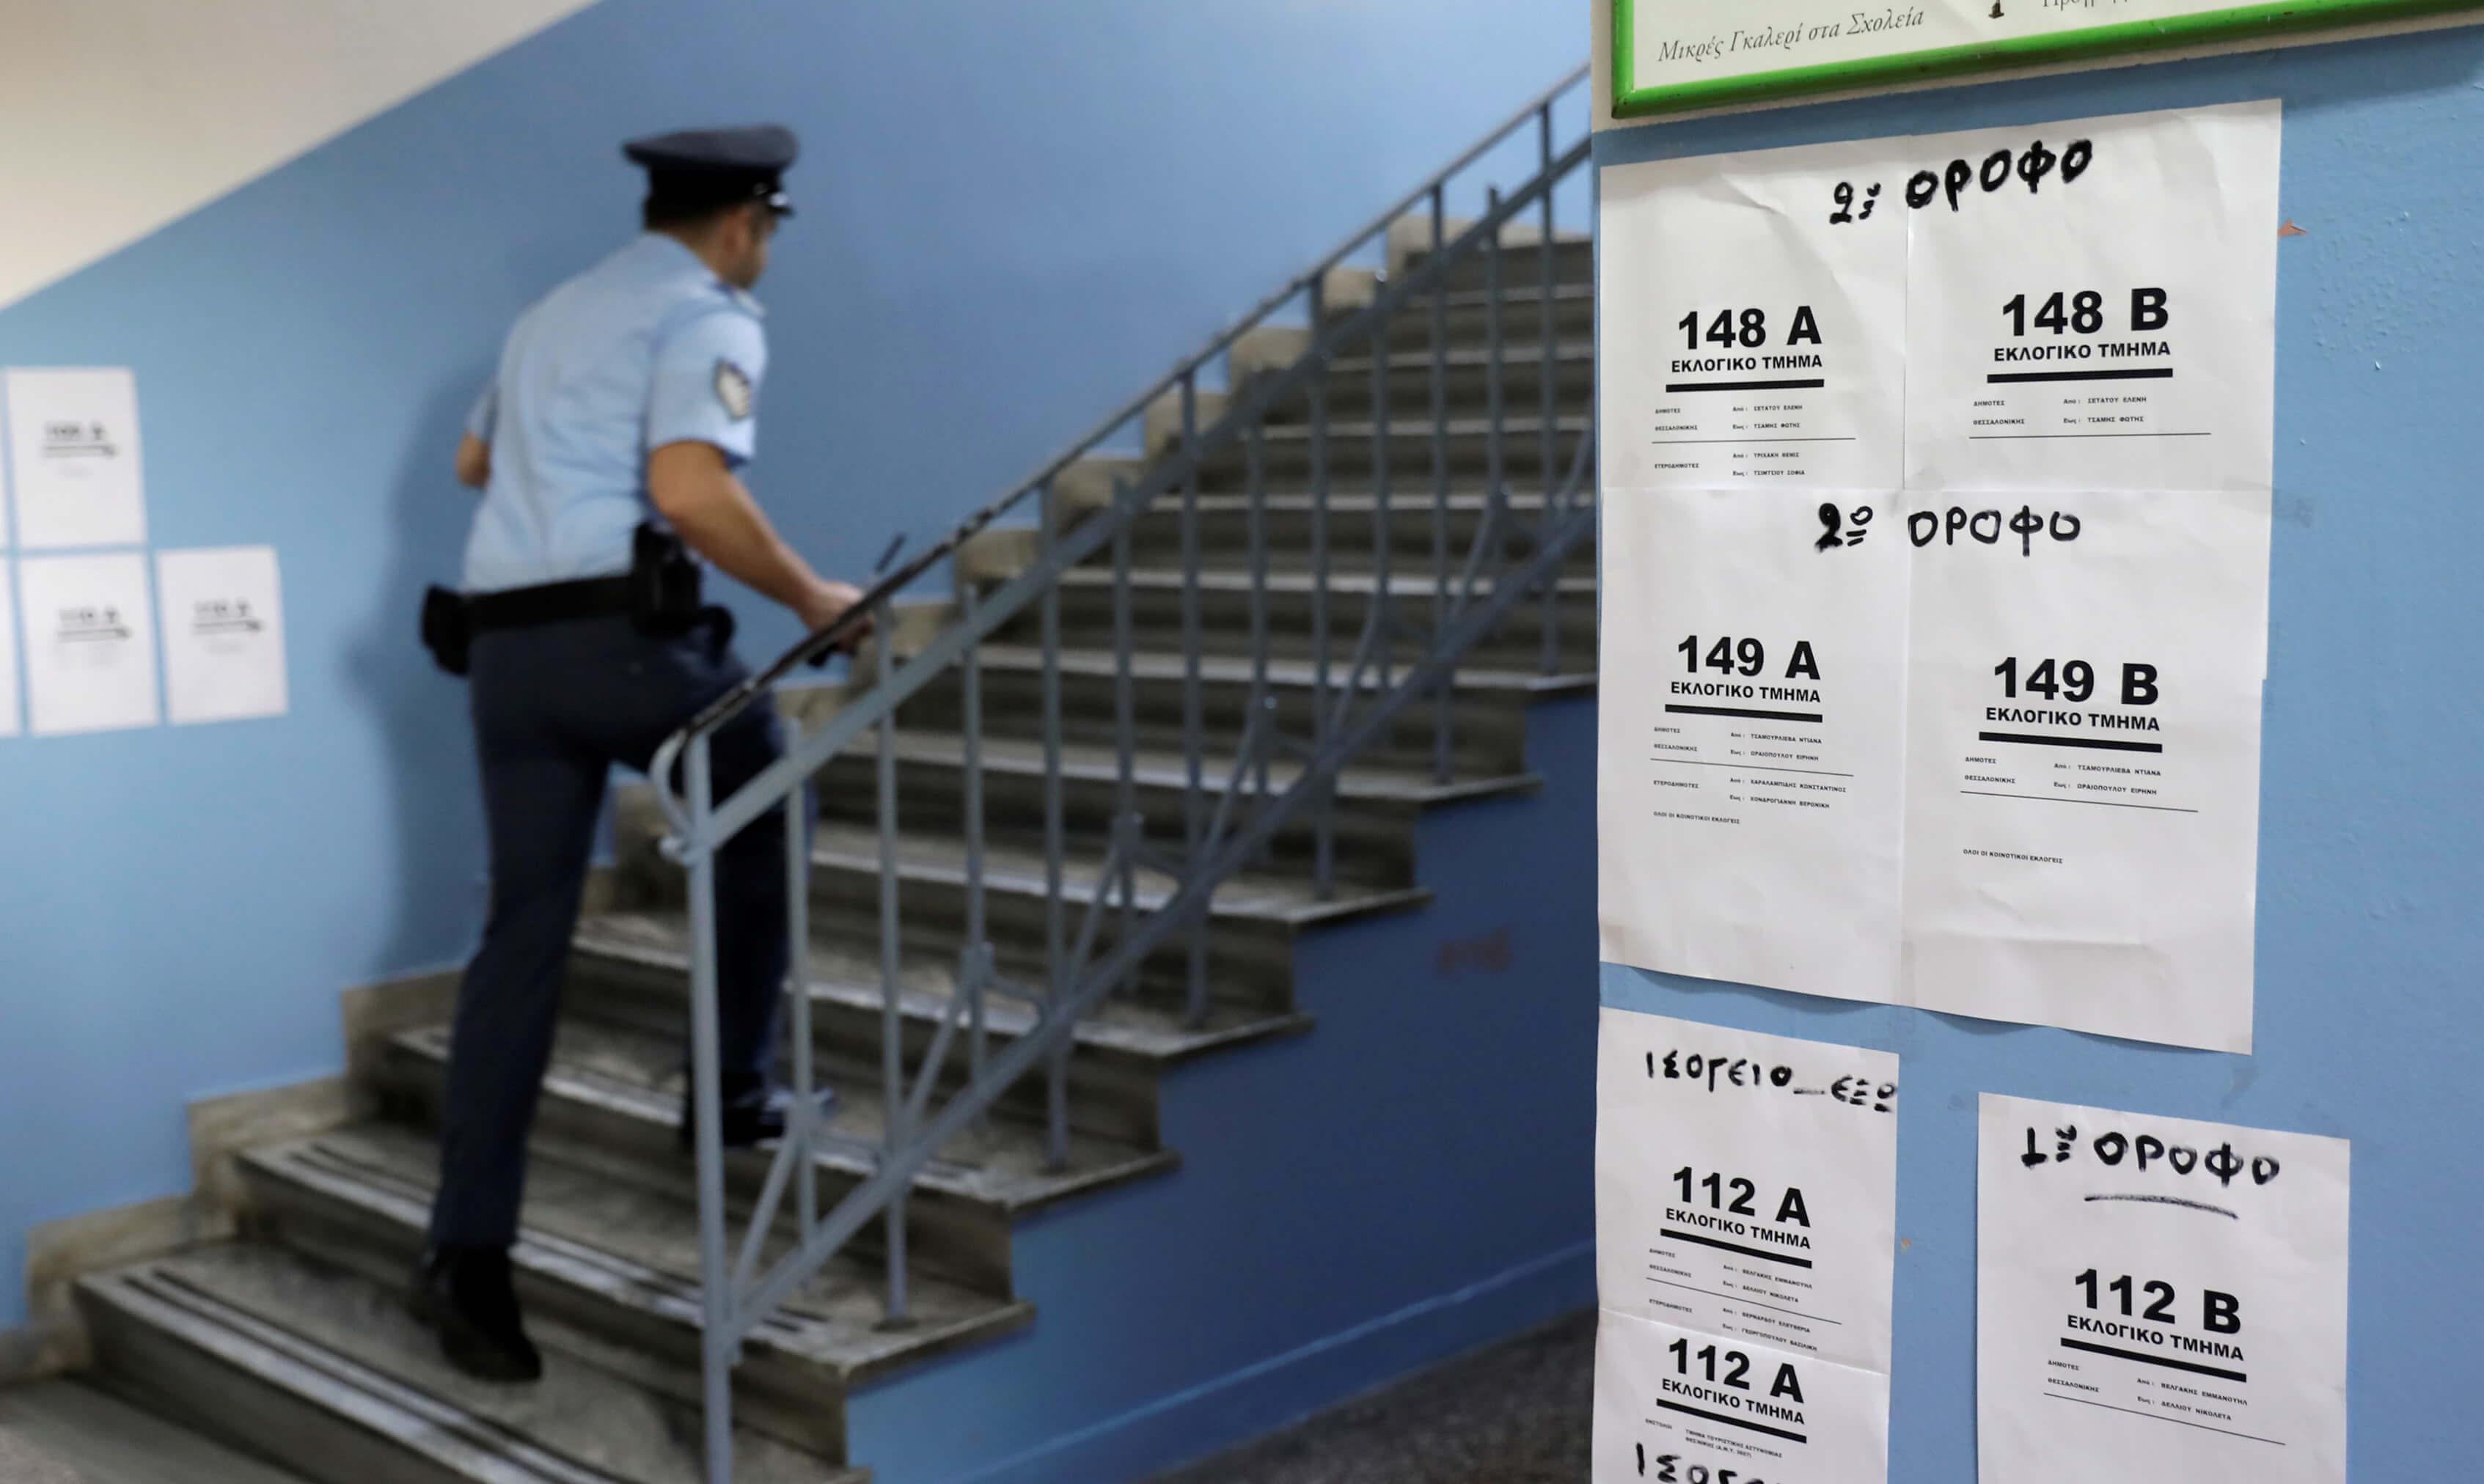 Πότε θα καταβληθεί η εκλογική αποζημίωση στους αστυνομικούς